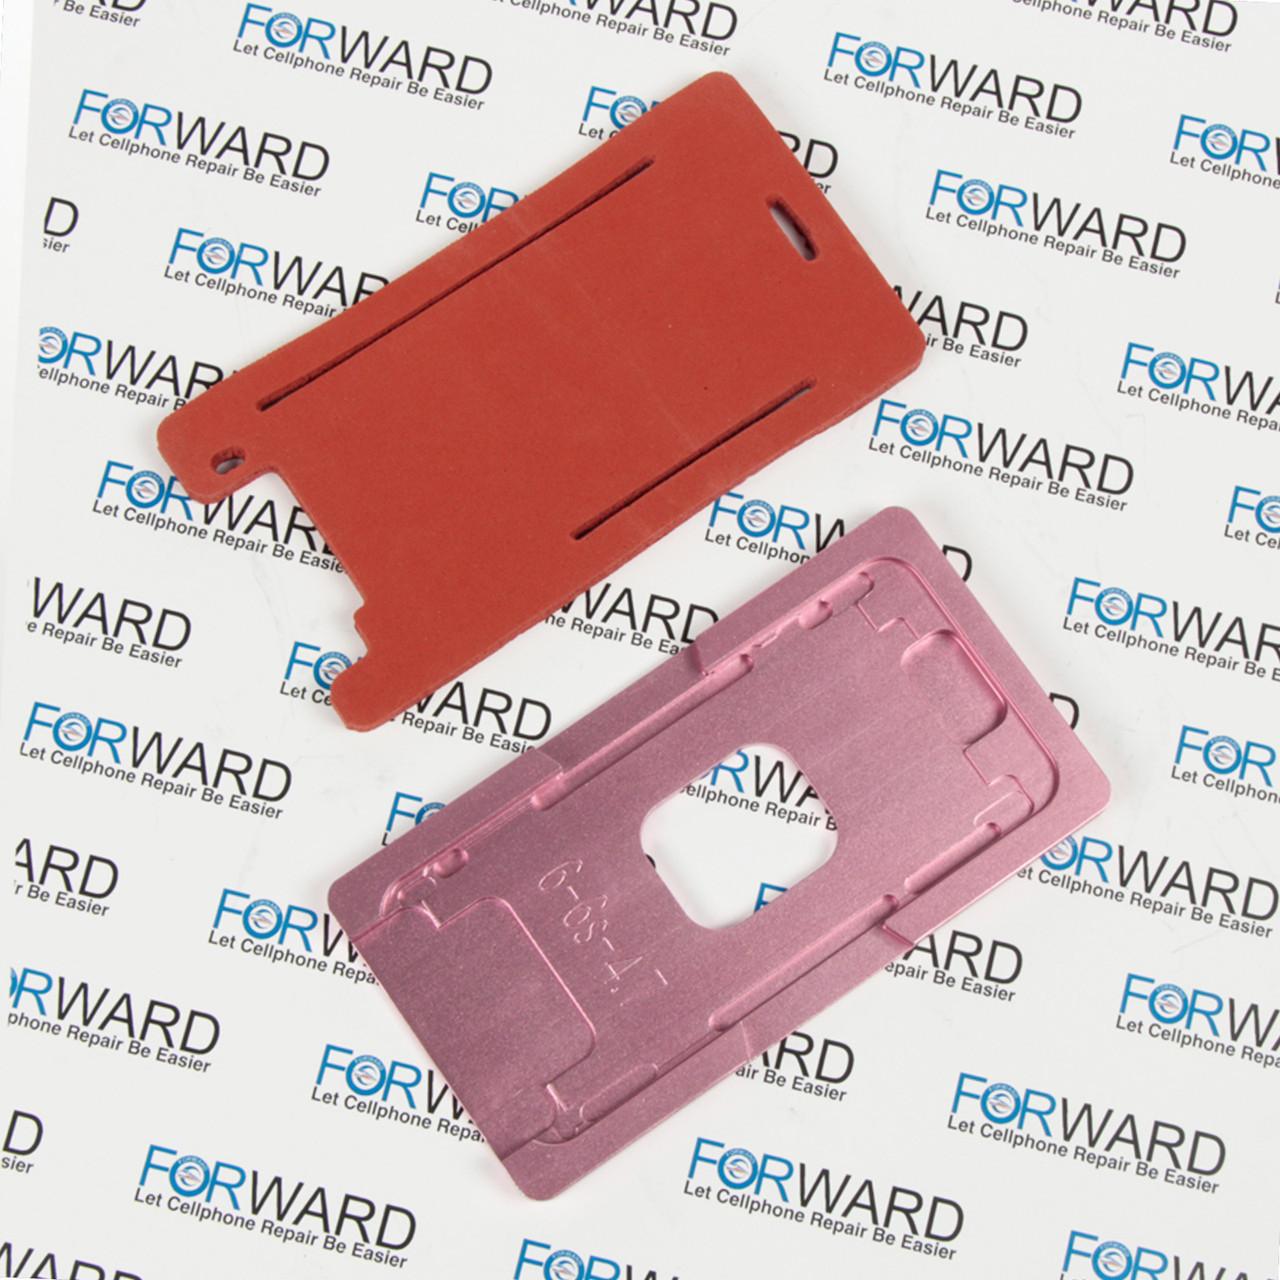 Формы для фиксации дисплея IPhone 6, 6S алюминиевая и резиновая